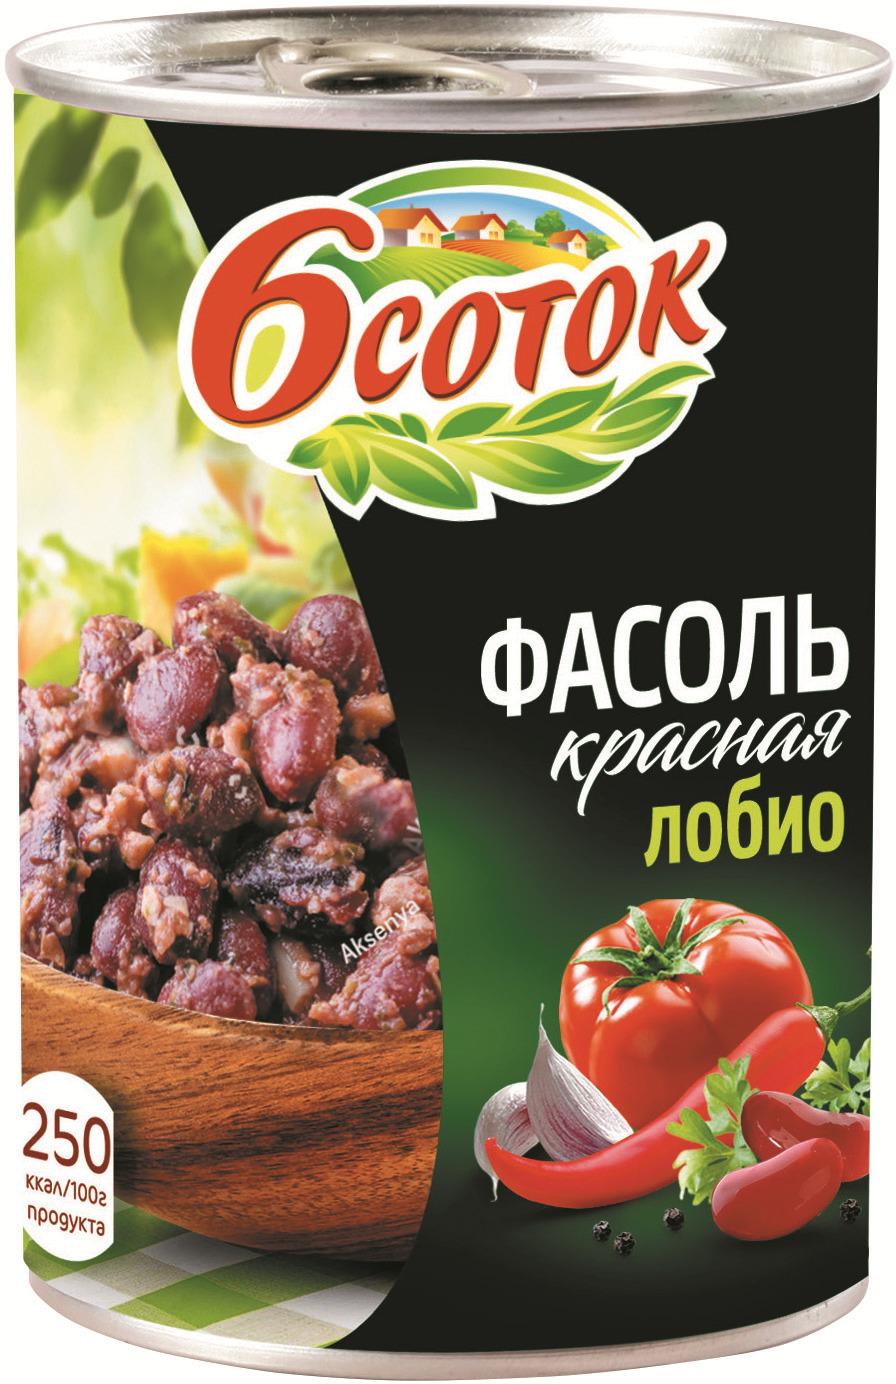 Фасоль консервированная Шесть соток Лобио, красная, 400 г бали шесть соток в раю